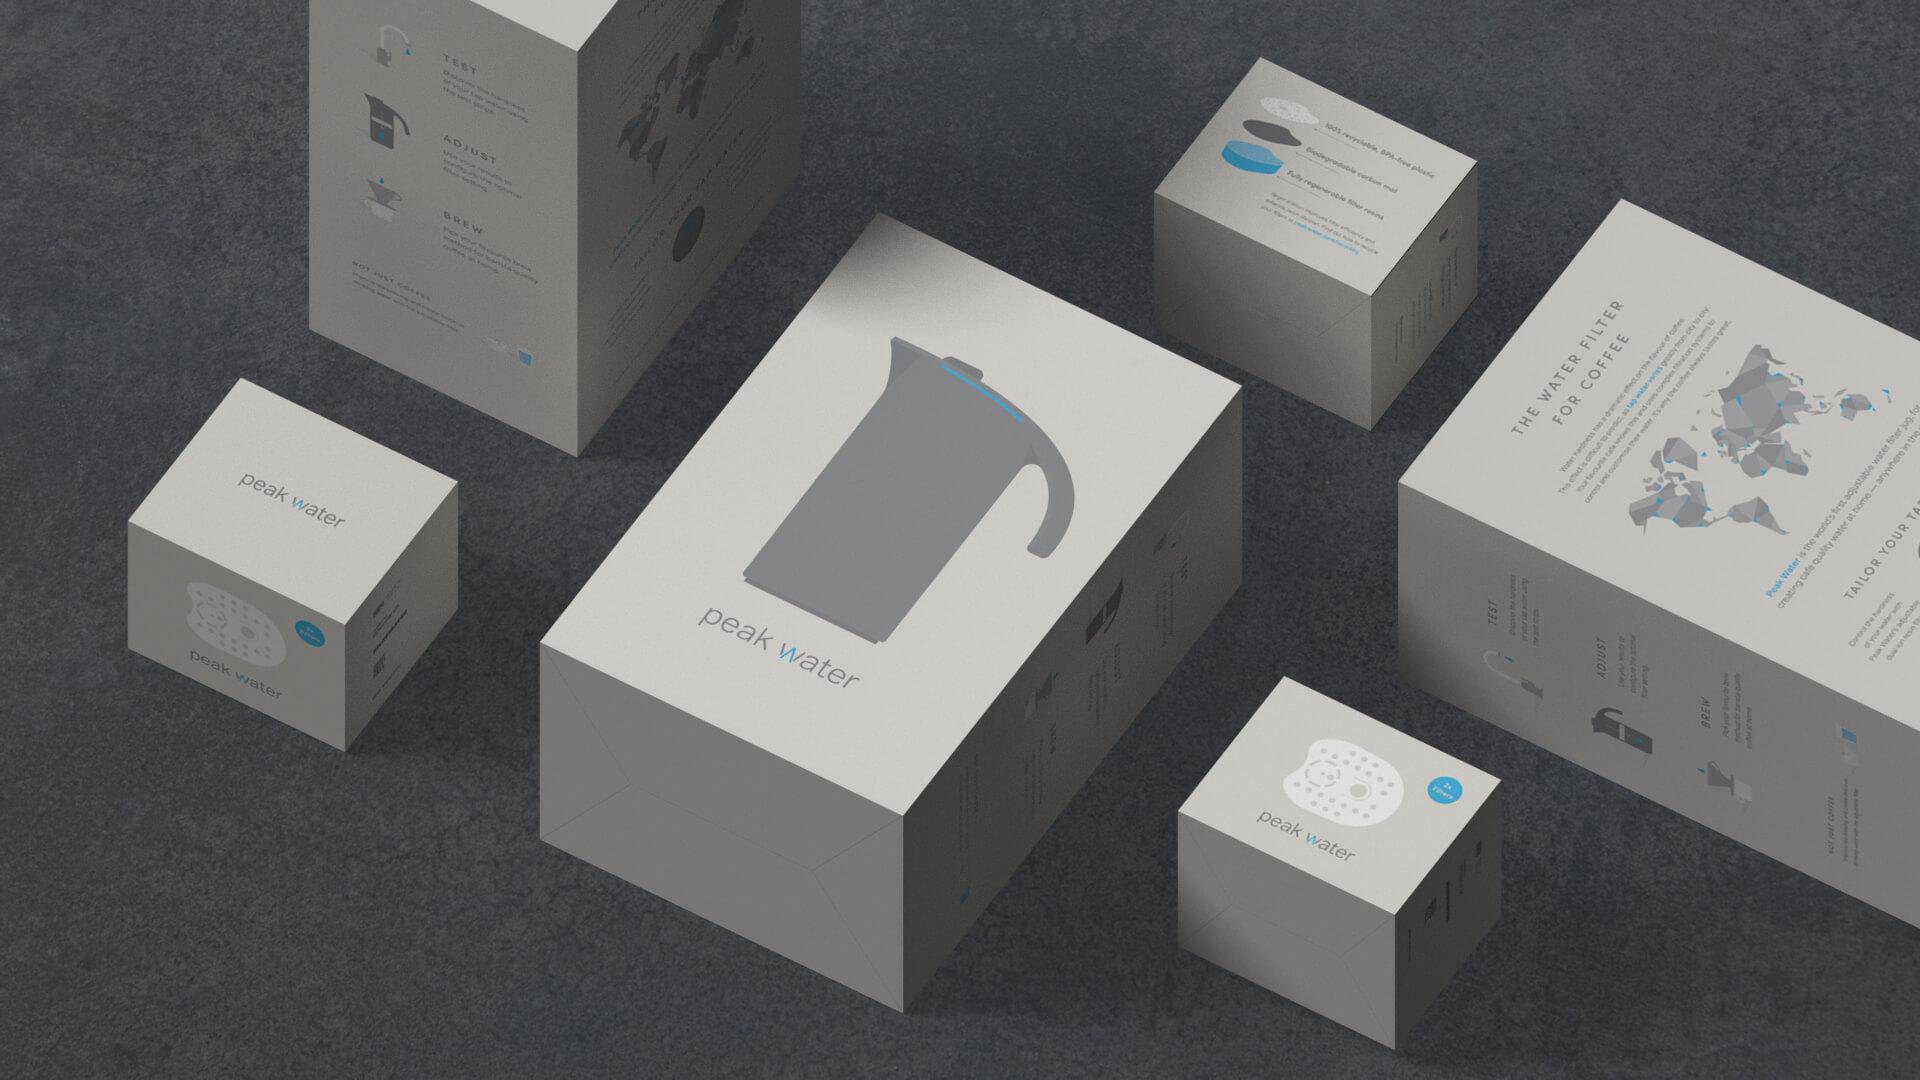 Peak Water packaging from various angles